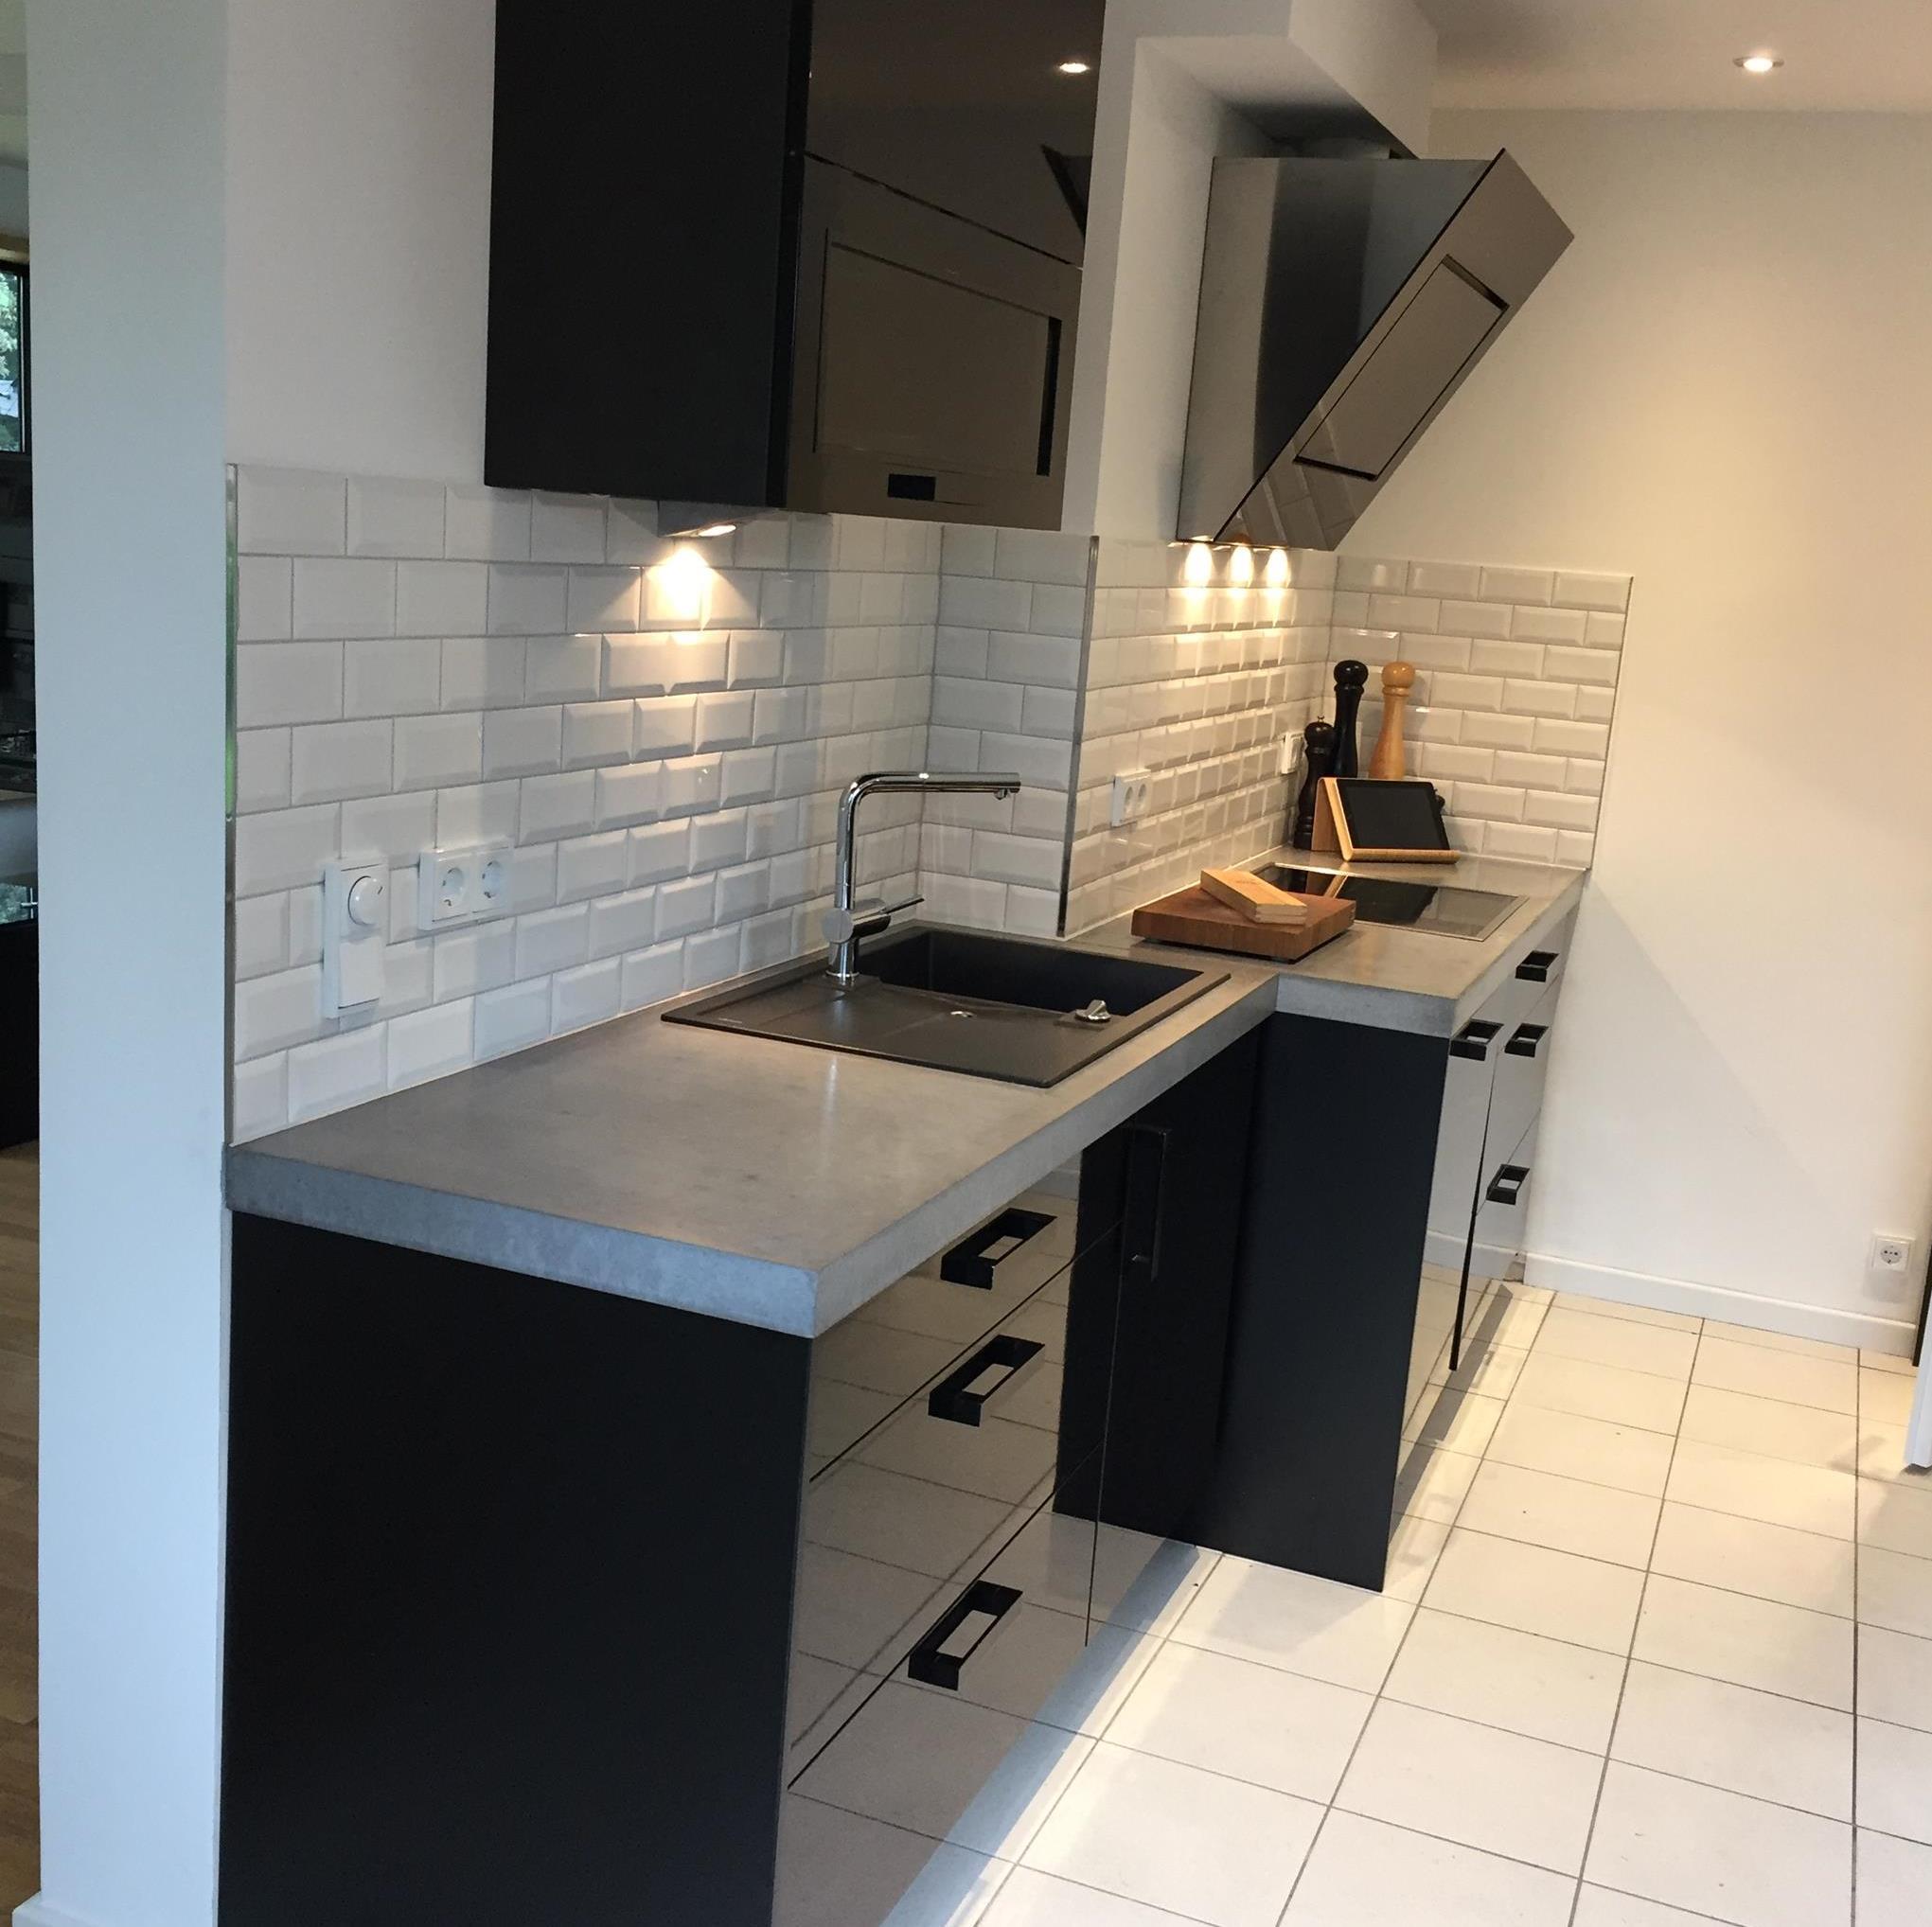 Arbeitsplatte küche beton  Arbeitsplatten aus Beton DIY - Anleitung mit Betonrezept - Bigmeatlove